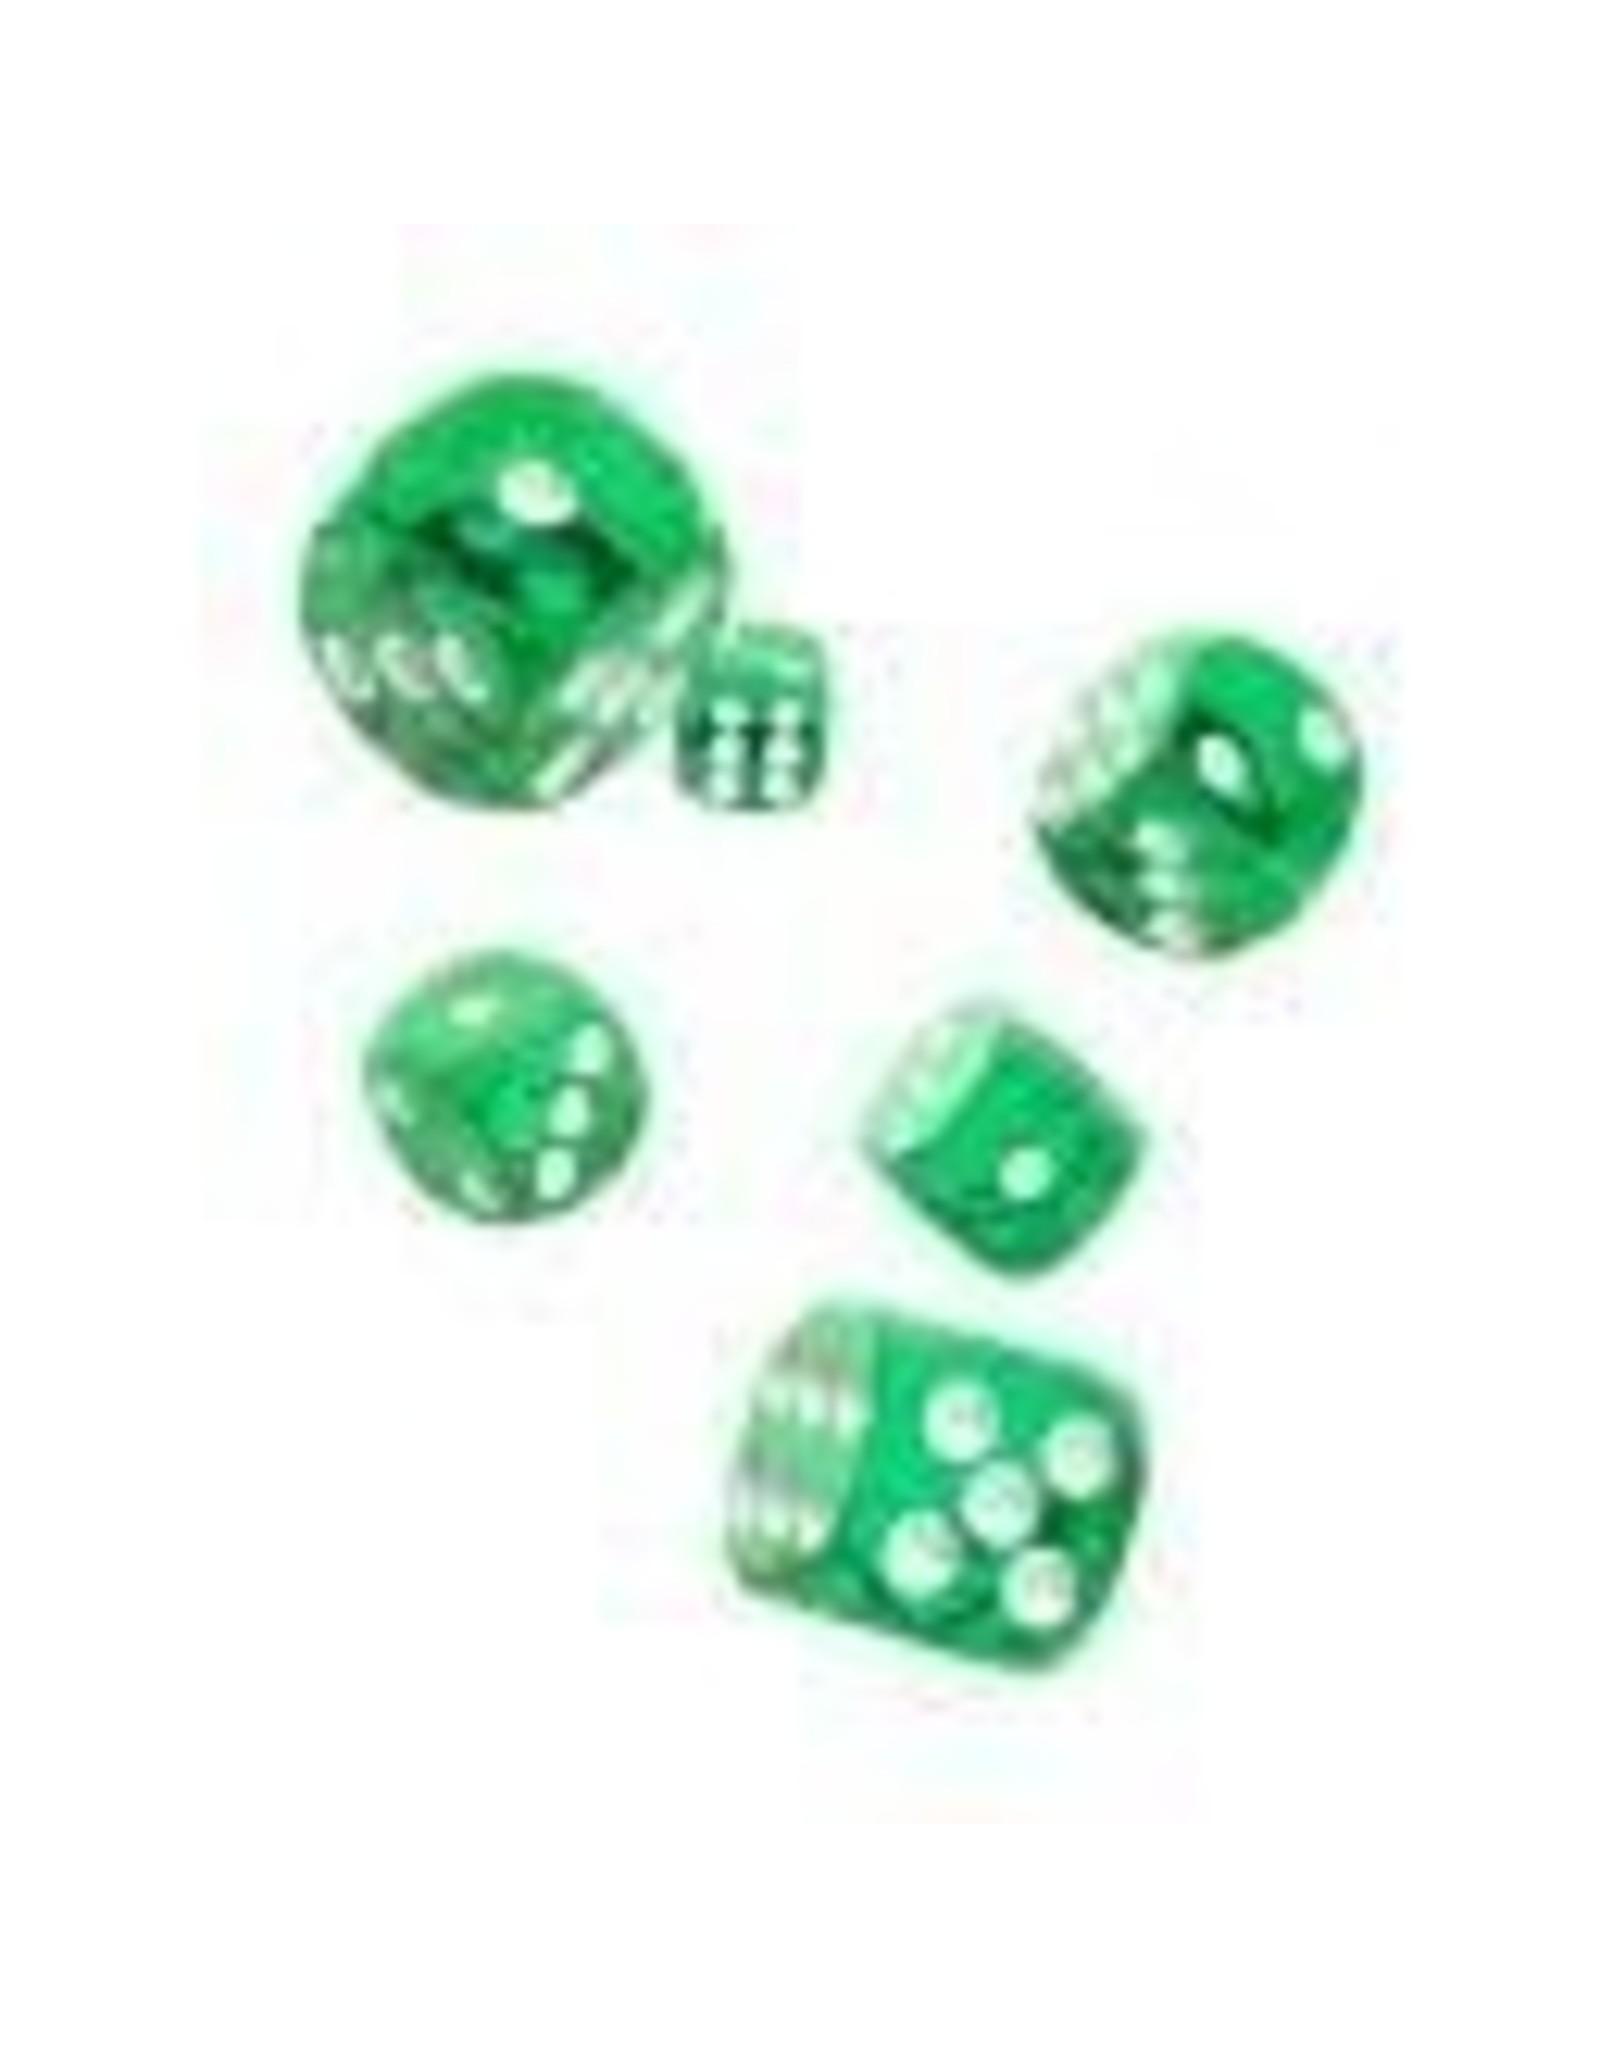 Oakie Doakie Dice G10 OK d6 16mm Translucent Green